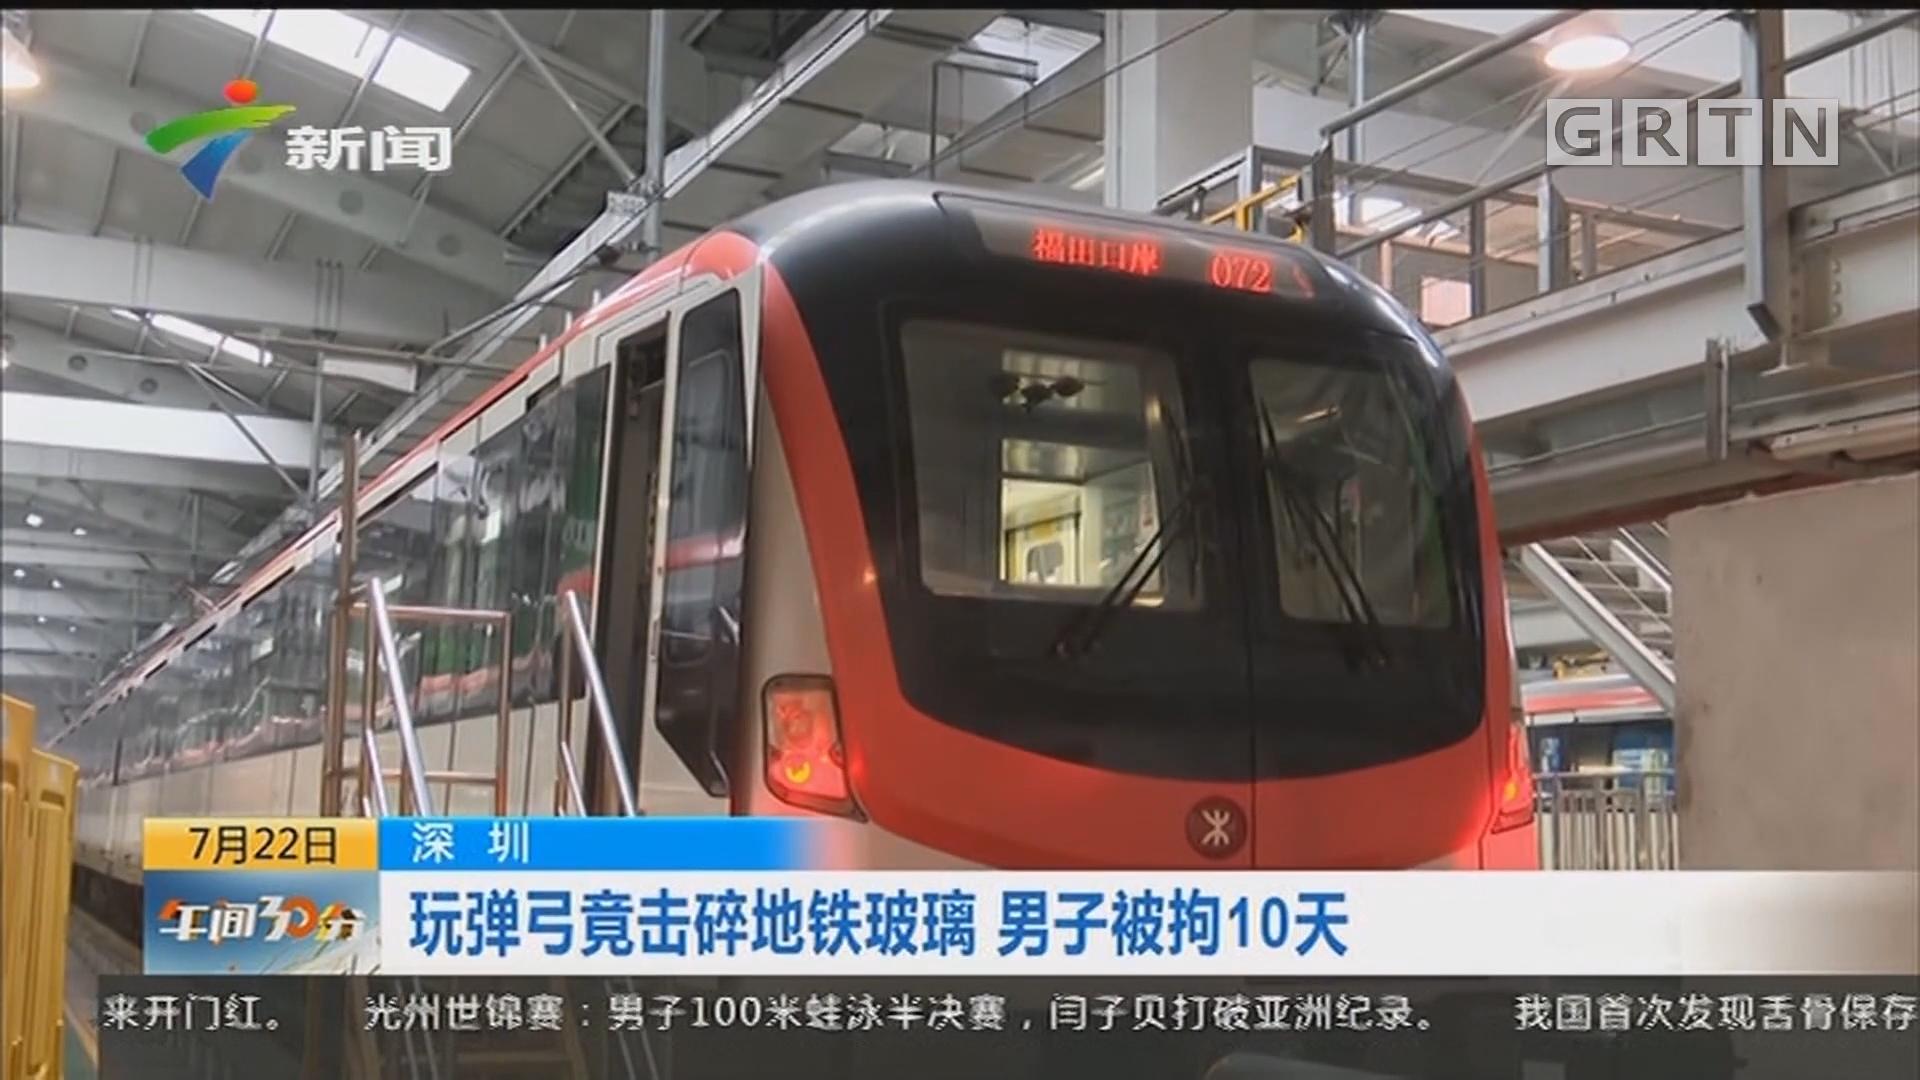 深圳:玩弹弓竟击碎地铁玻璃 男子被拘10天